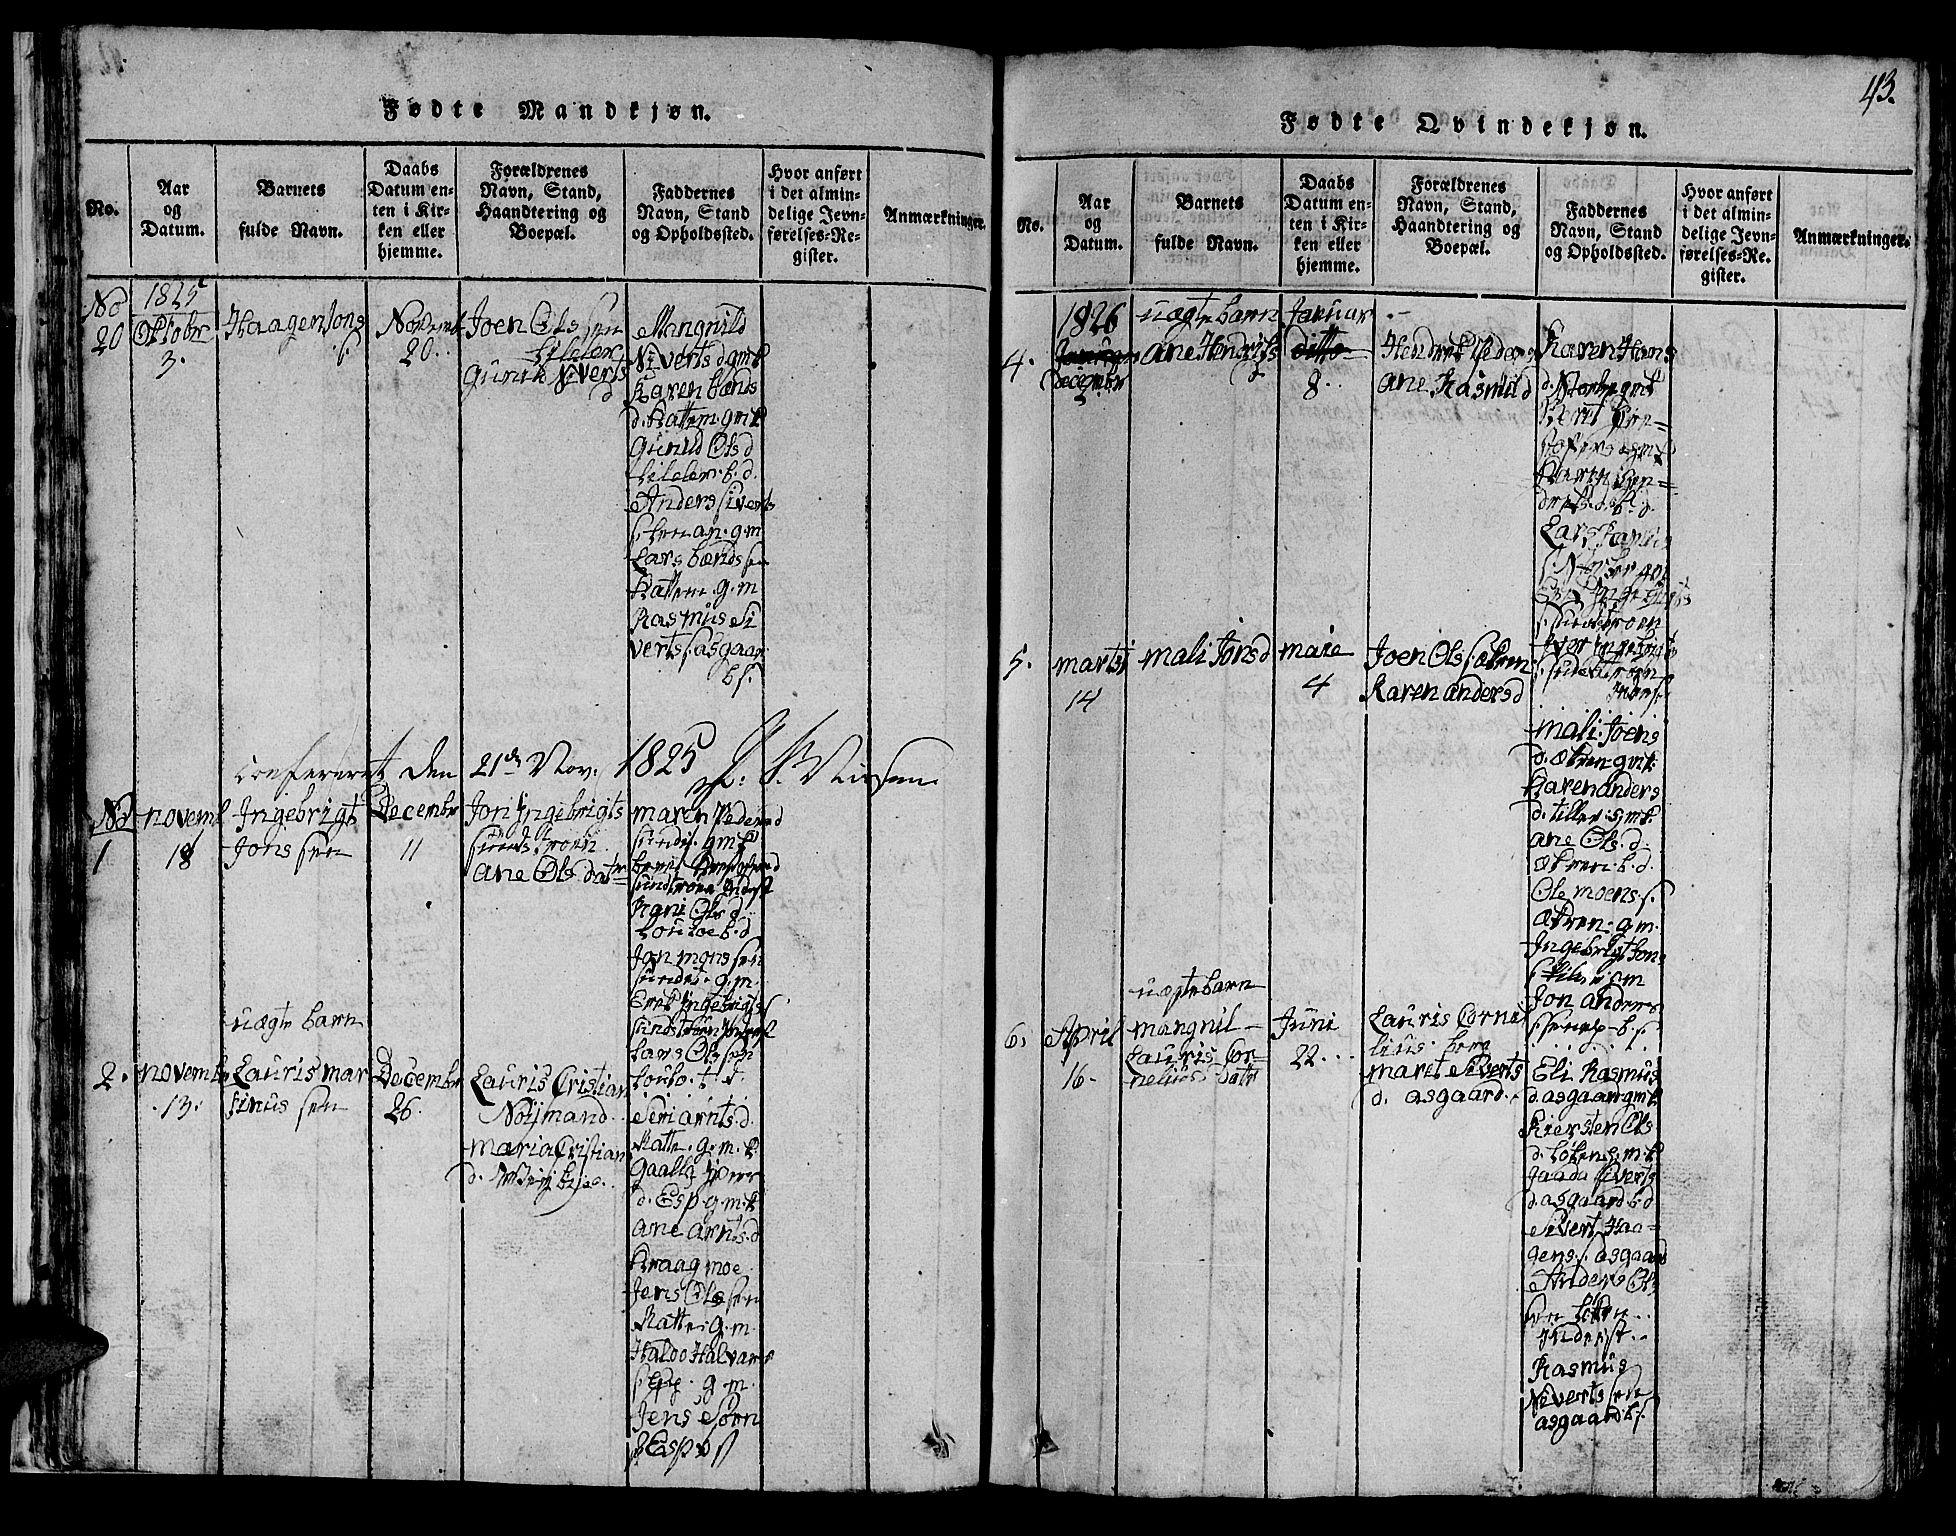 SAT, Ministerialprotokoller, klokkerbøker og fødselsregistre - Sør-Trøndelag, 613/L0393: Klokkerbok nr. 613C01, 1816-1886, s. 43